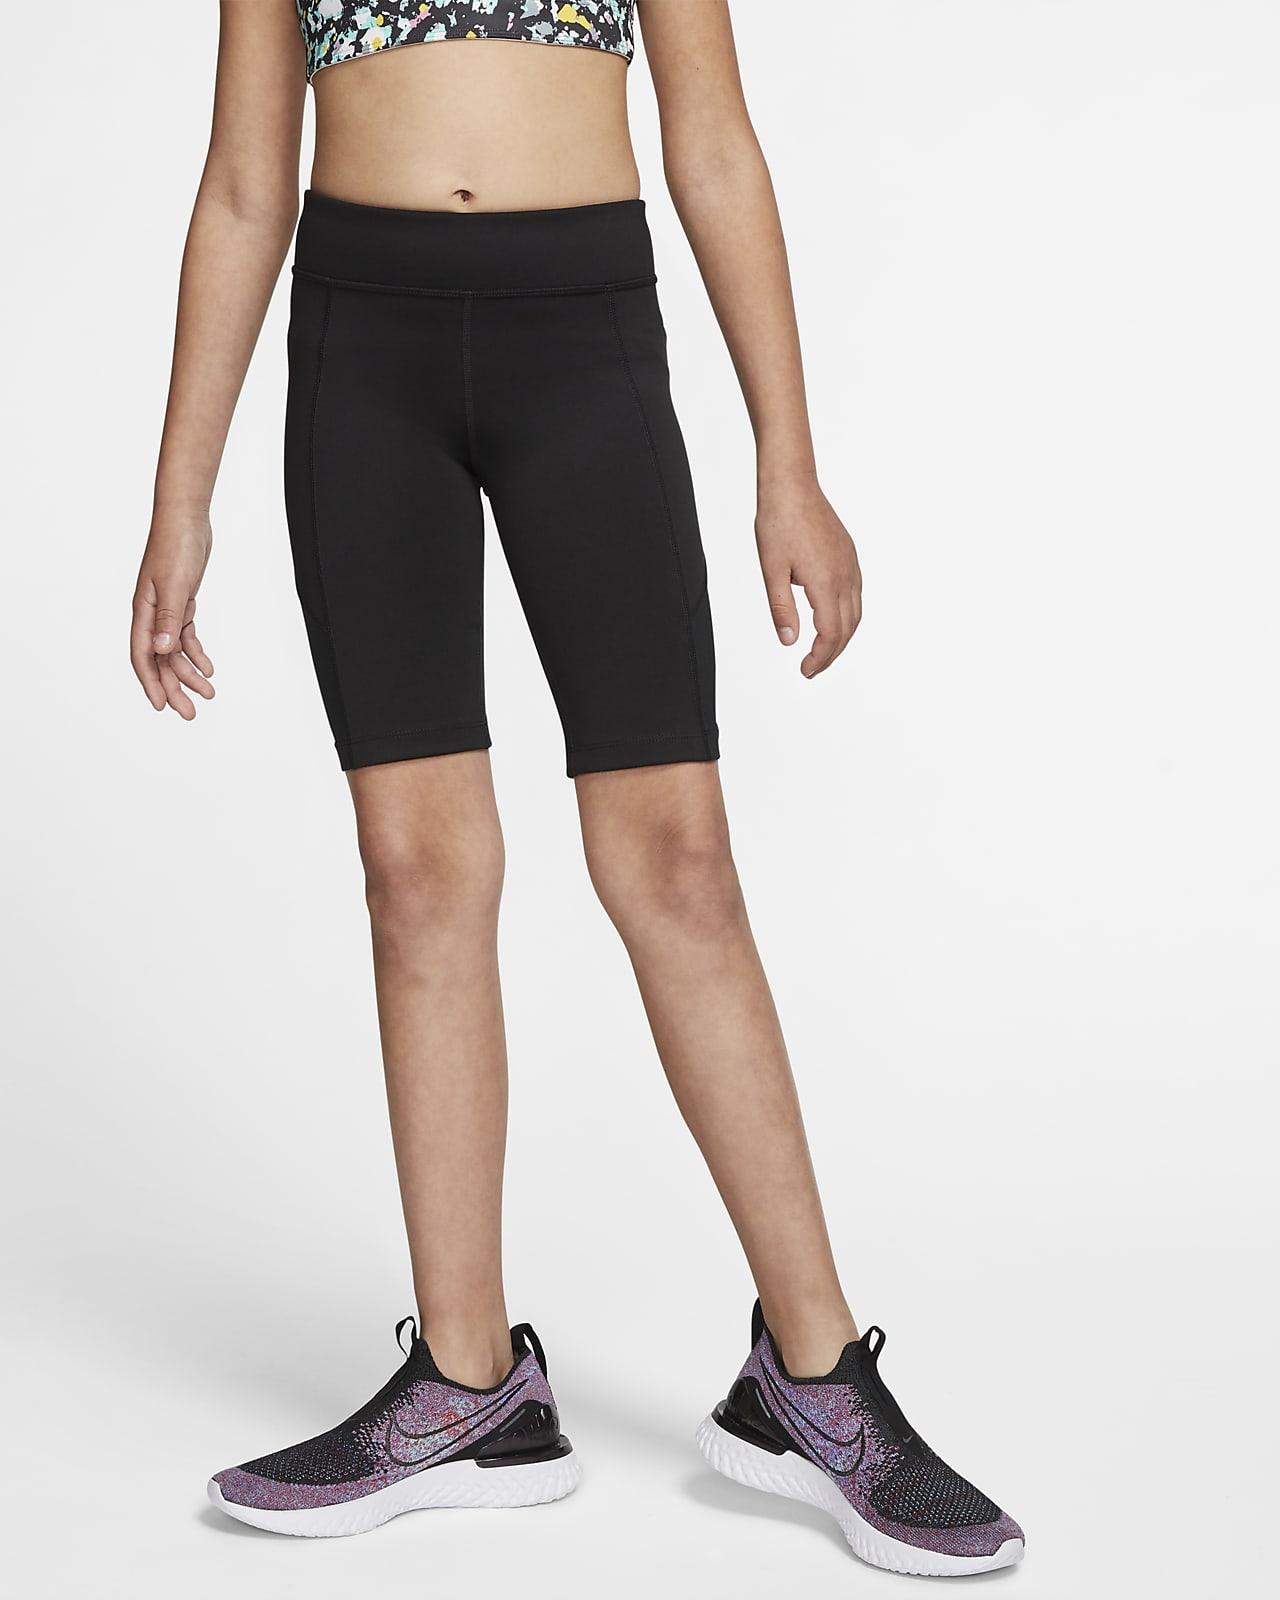 Велошорты для тренинга для девочек школьного возраста Nike Trophy